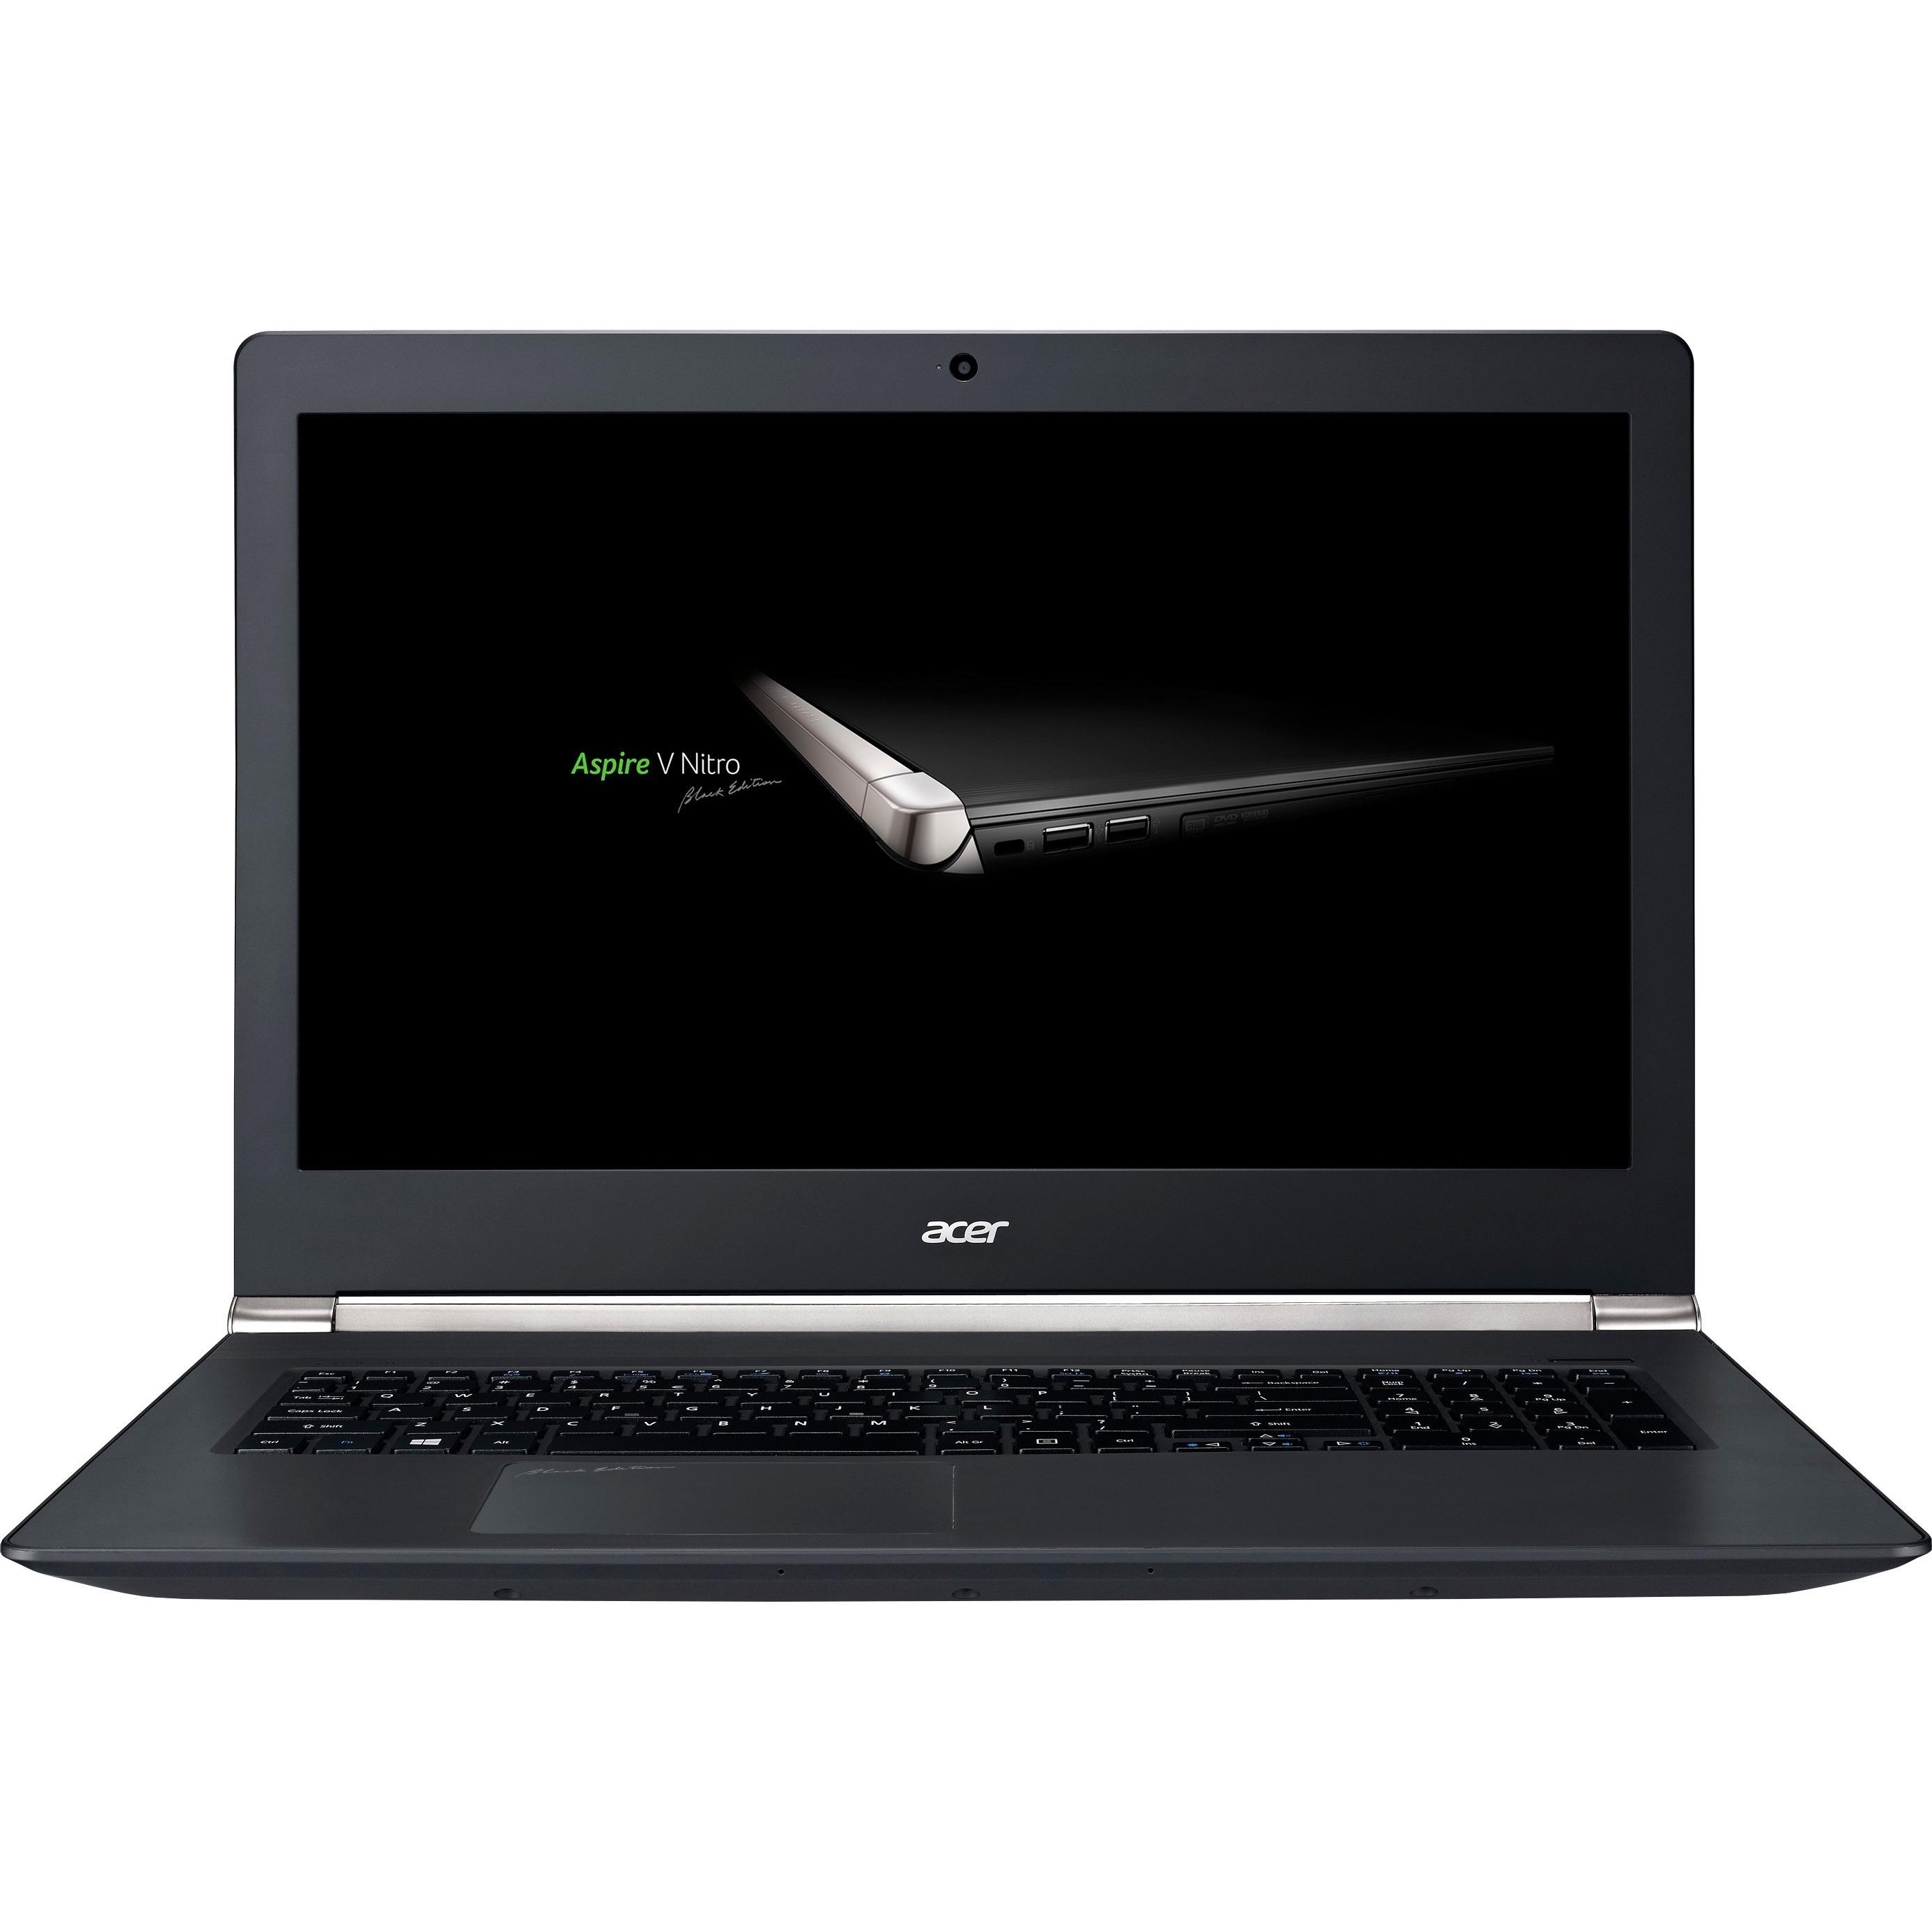 """Acer Aspire 17.3""""Laptop Intel i7-4720HQ Quad-Core 2.60GHz..."""